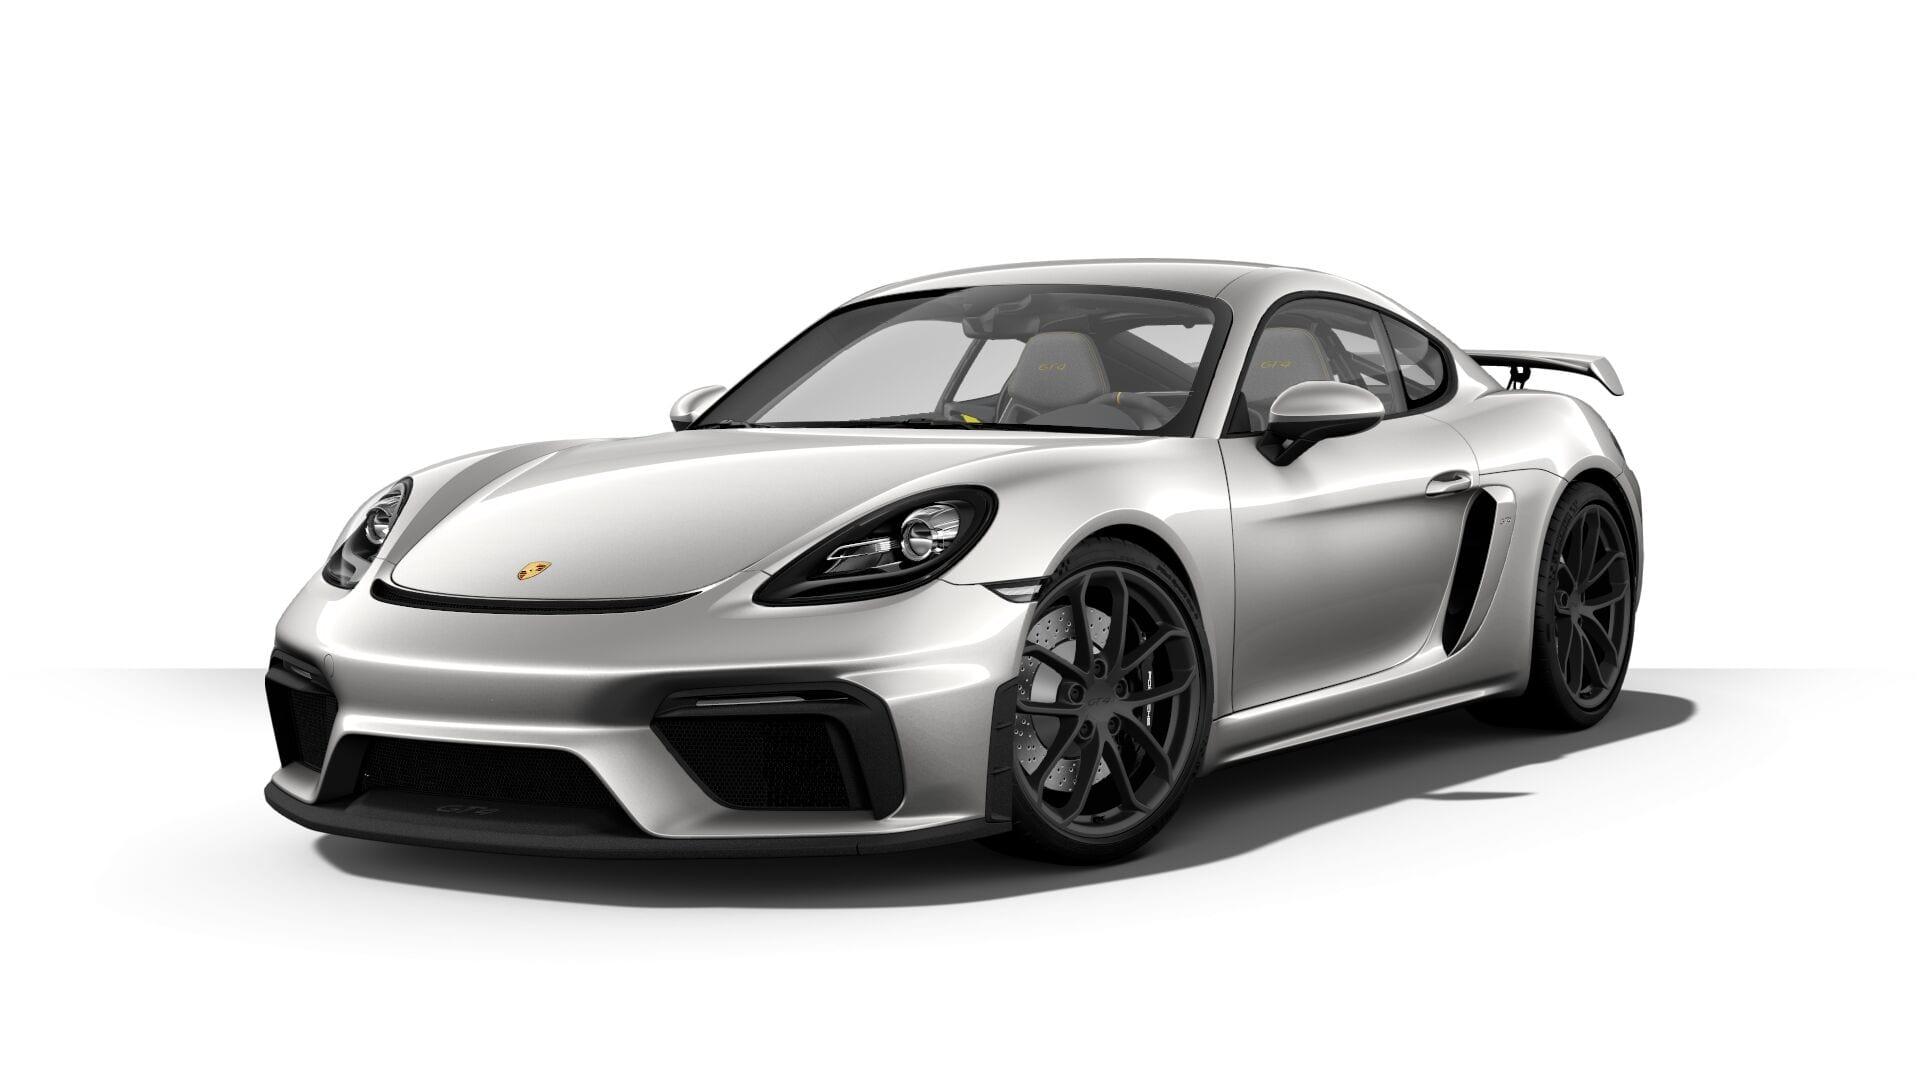 Porsche-Cayman-GT4-mieten-muenchen